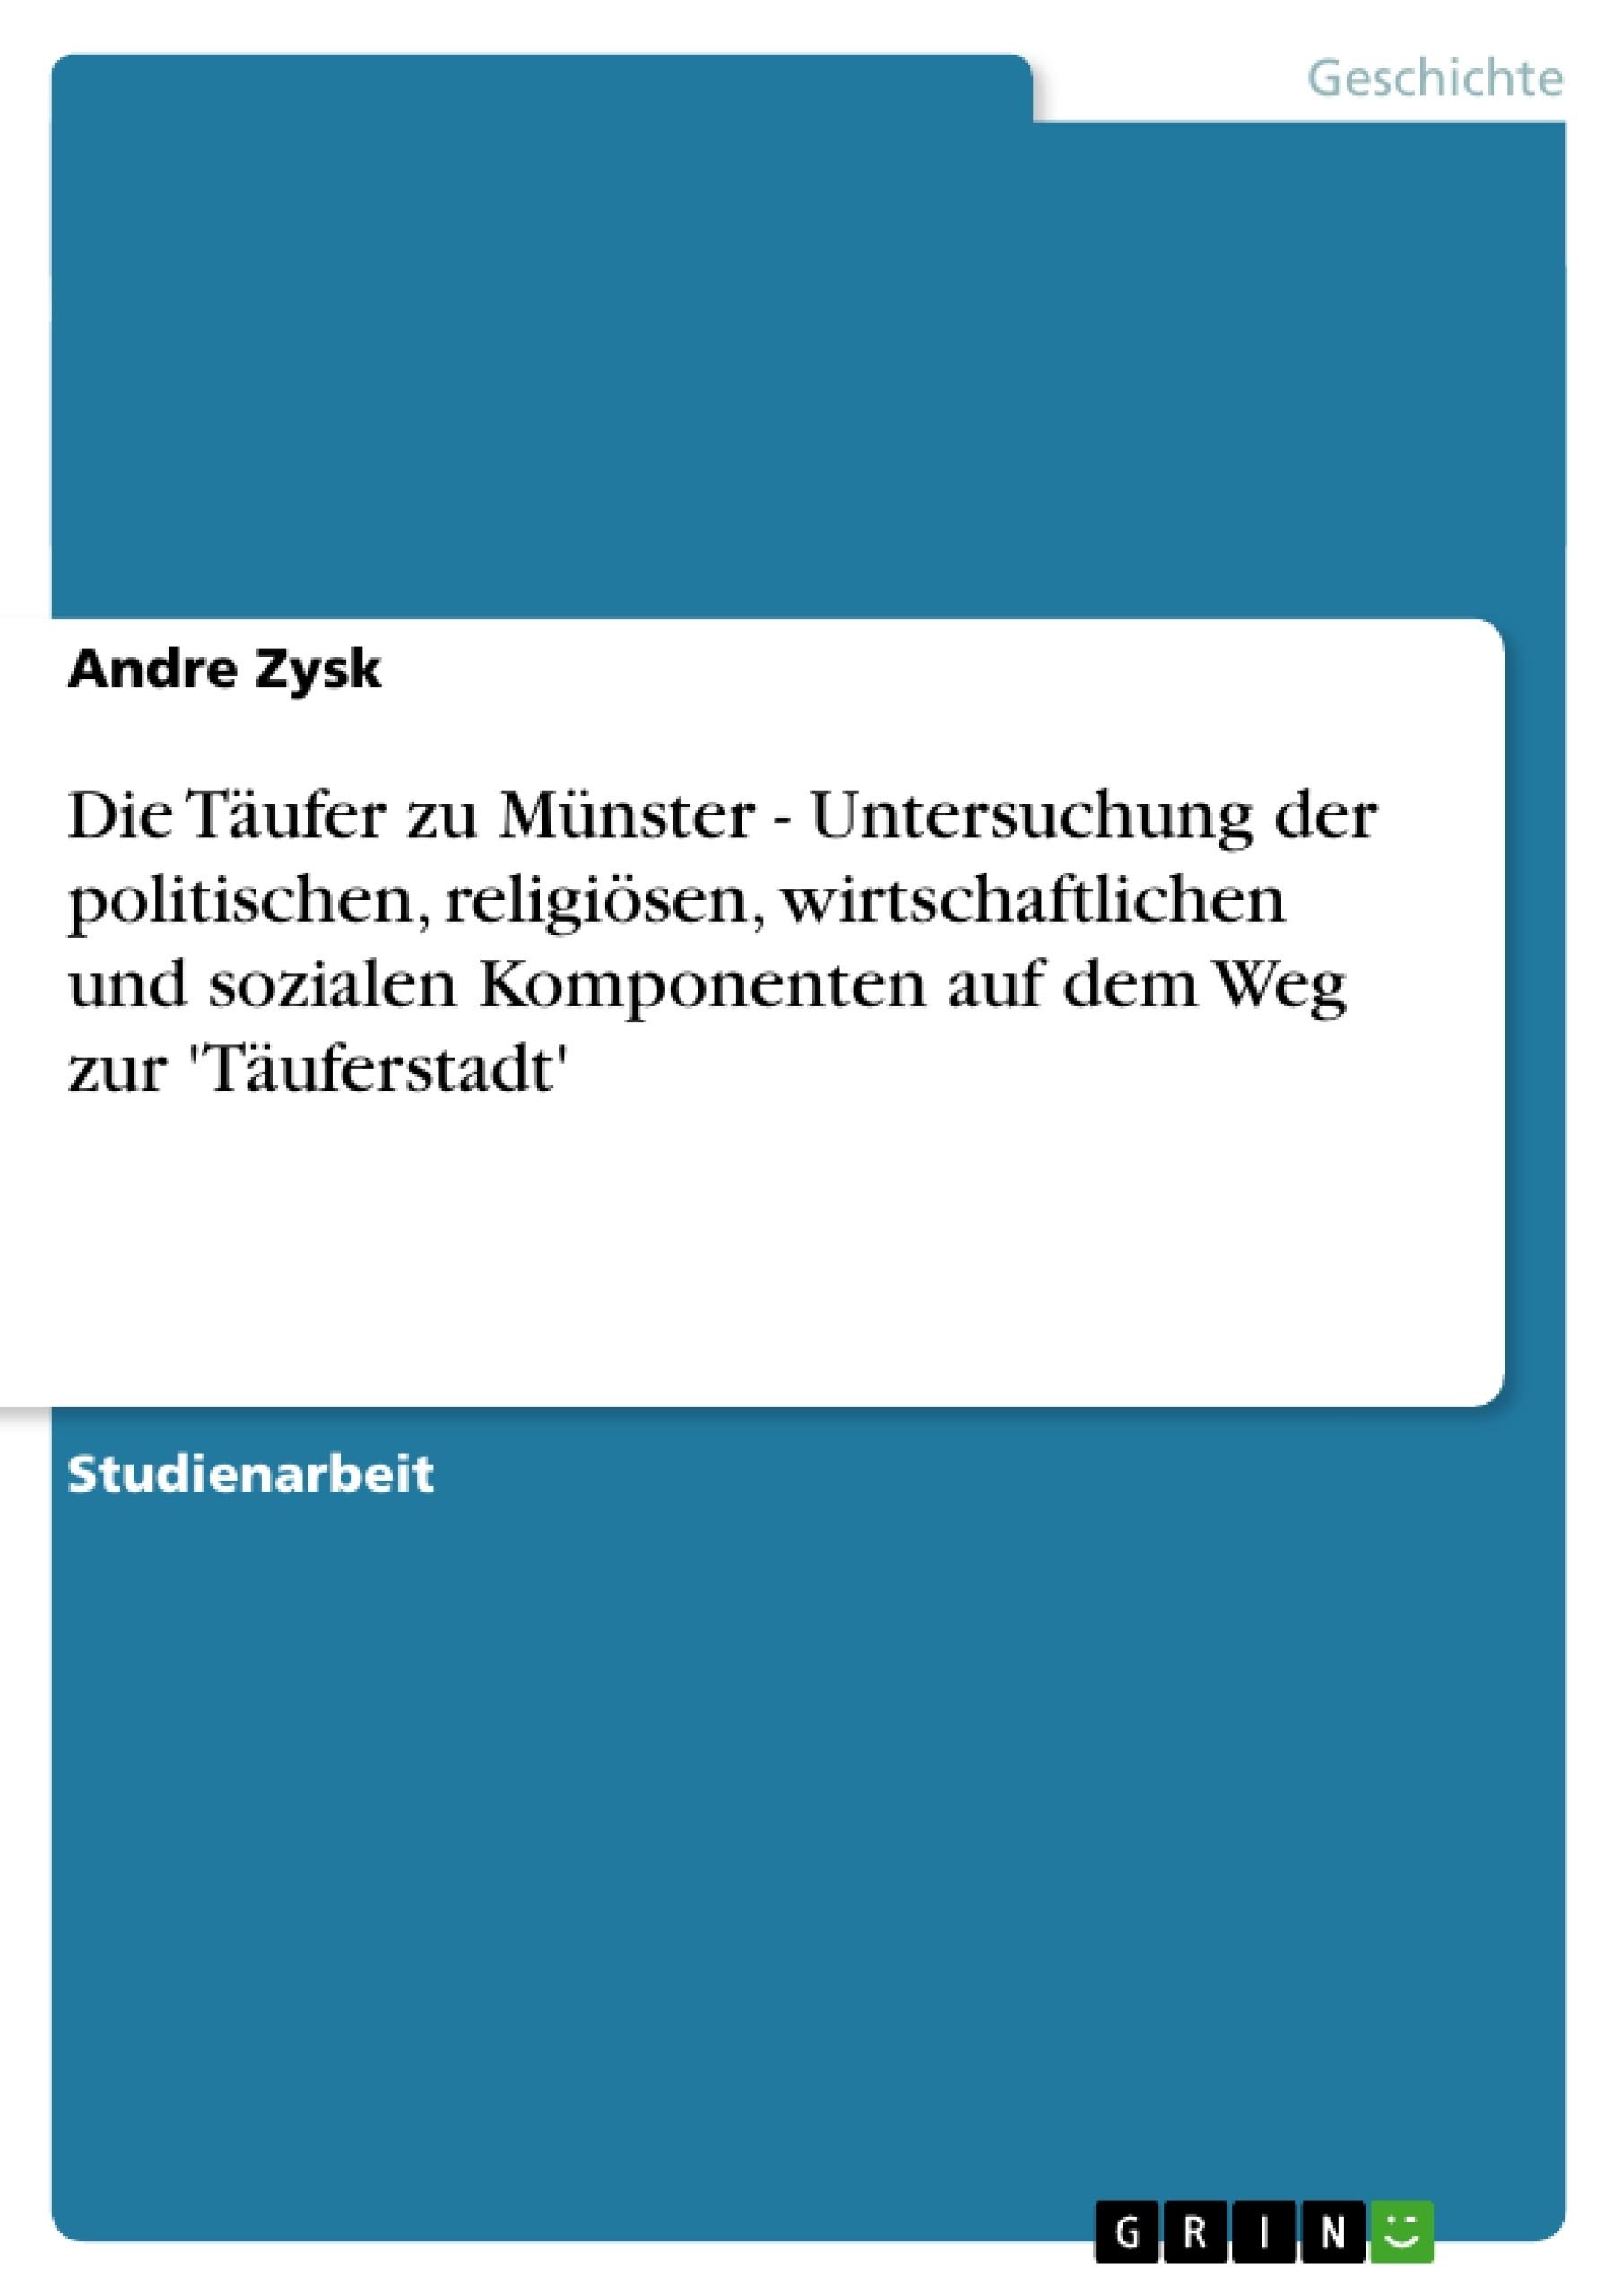 Titel: Die Täufer zu Münster - Untersuchung der politischen, religiösen, wirtschaftlichen und  sozialen Komponenten auf dem Weg zur 'Täuferstadt'